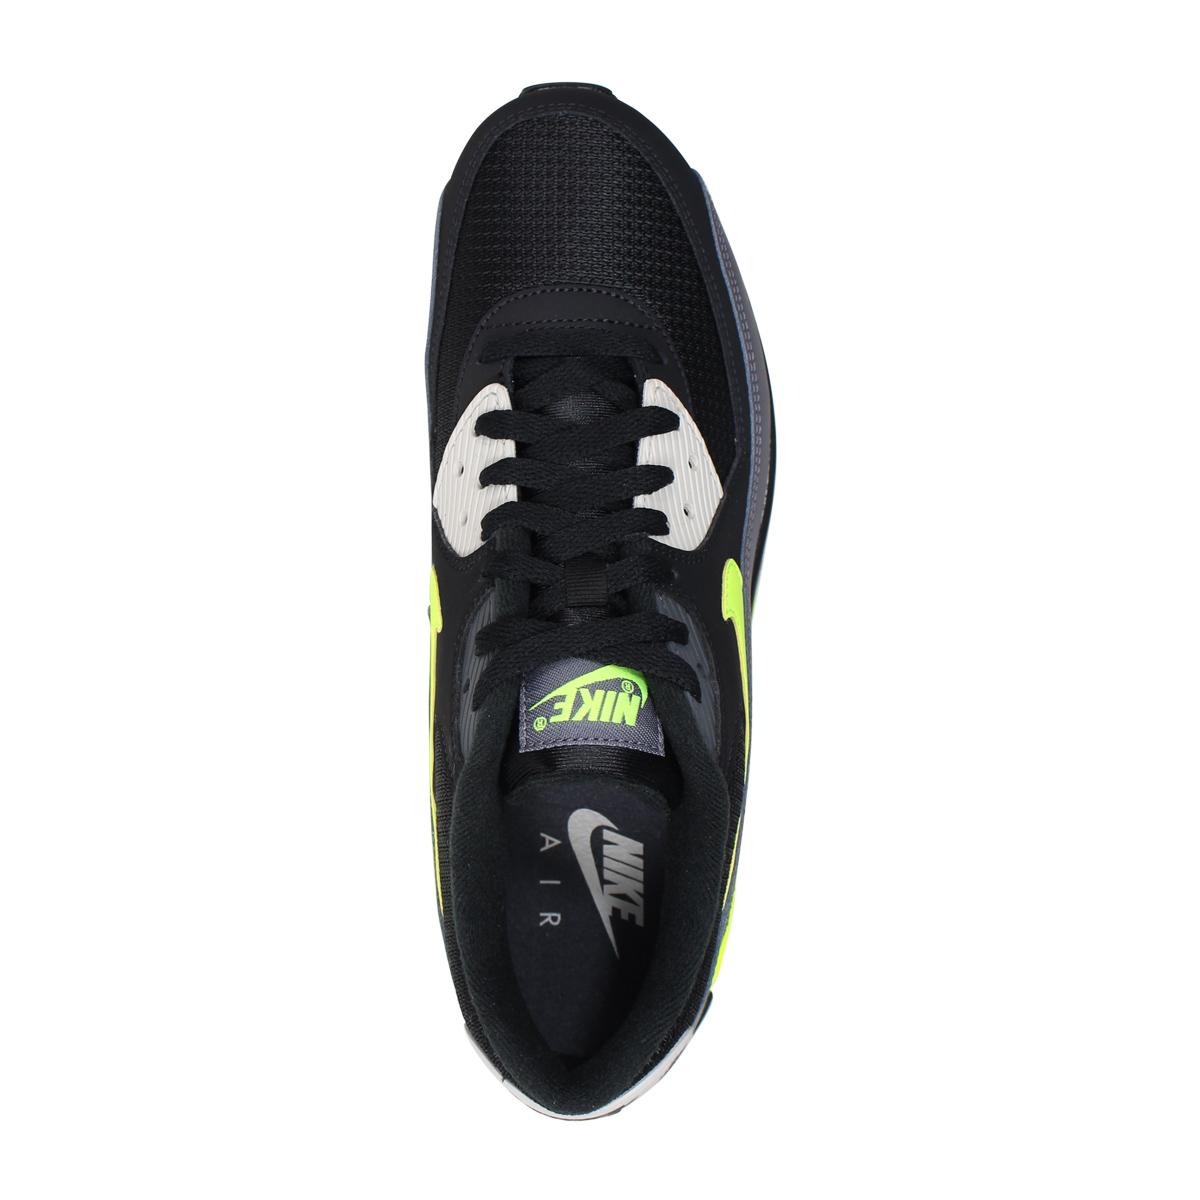 buy popular d7d78 77c5c ... Nike NIKE Air Max 90 essential sneakers men AIR MAX 90 ESSENTIAL AJ1285-015  black ...